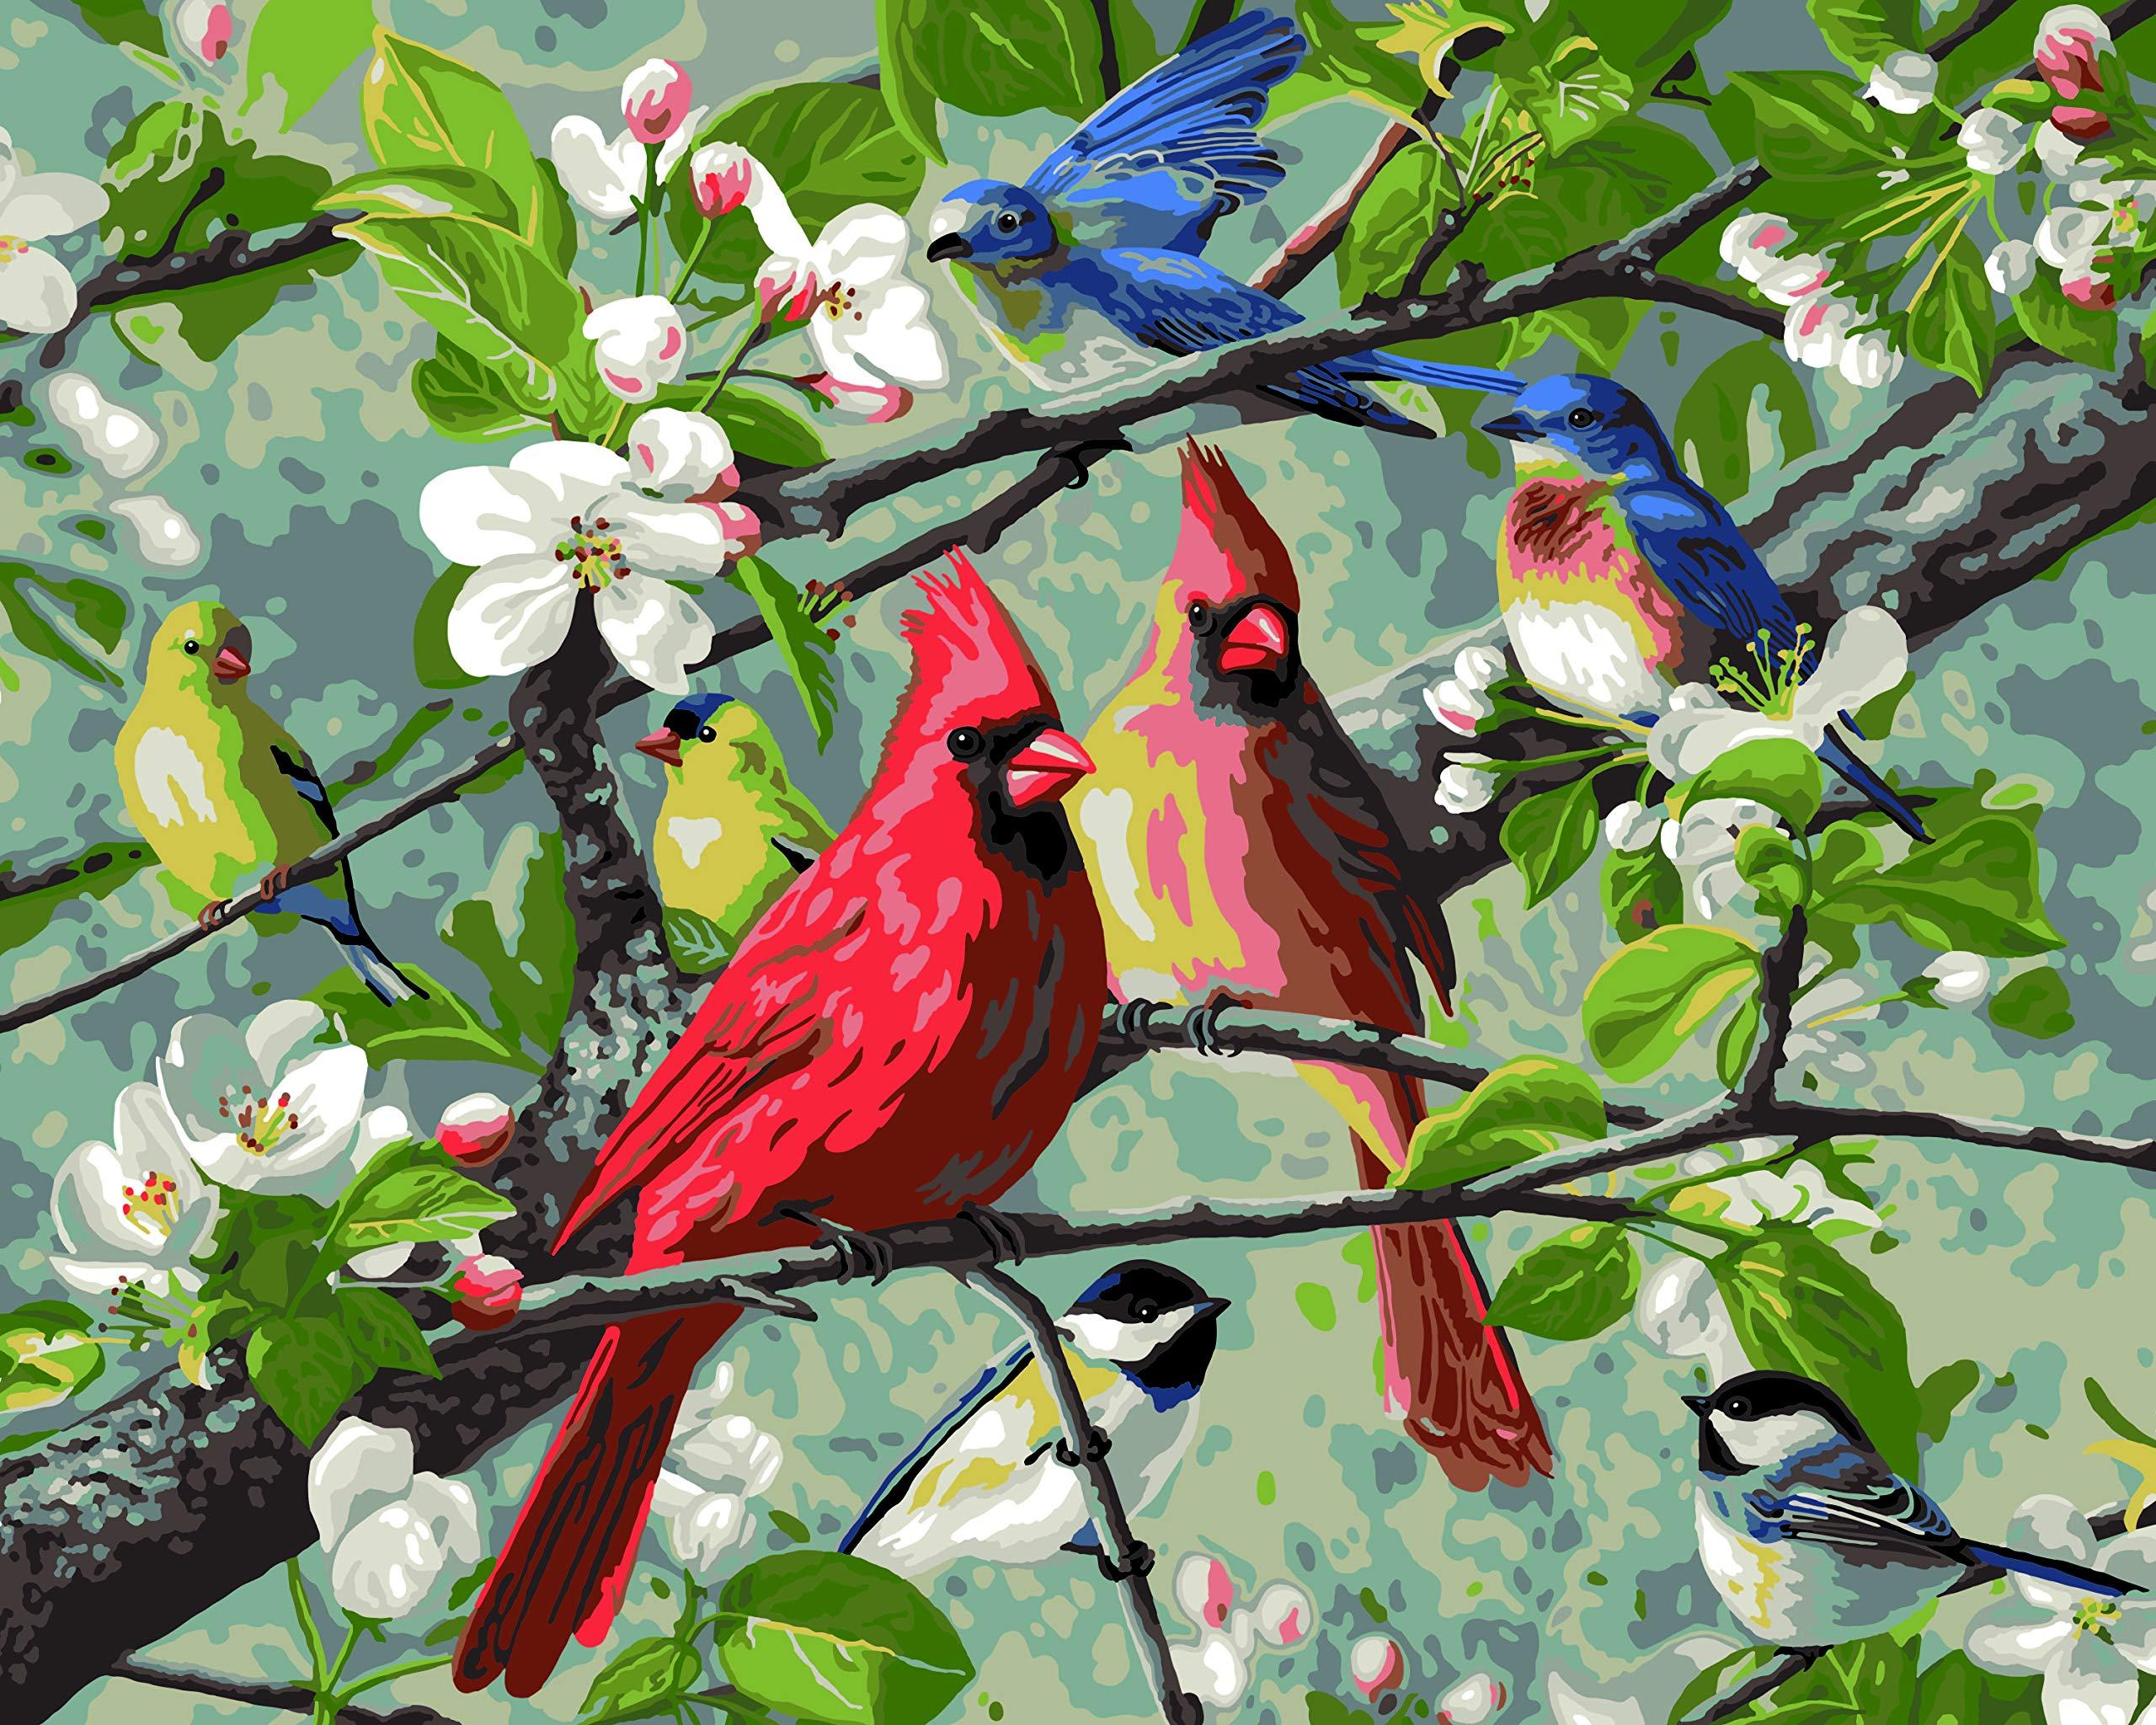 Plaid Enterprises, Inc. 22599 Songbirds Paint by Number Kit, Multicolor by Plaid Enterprises, Inc.